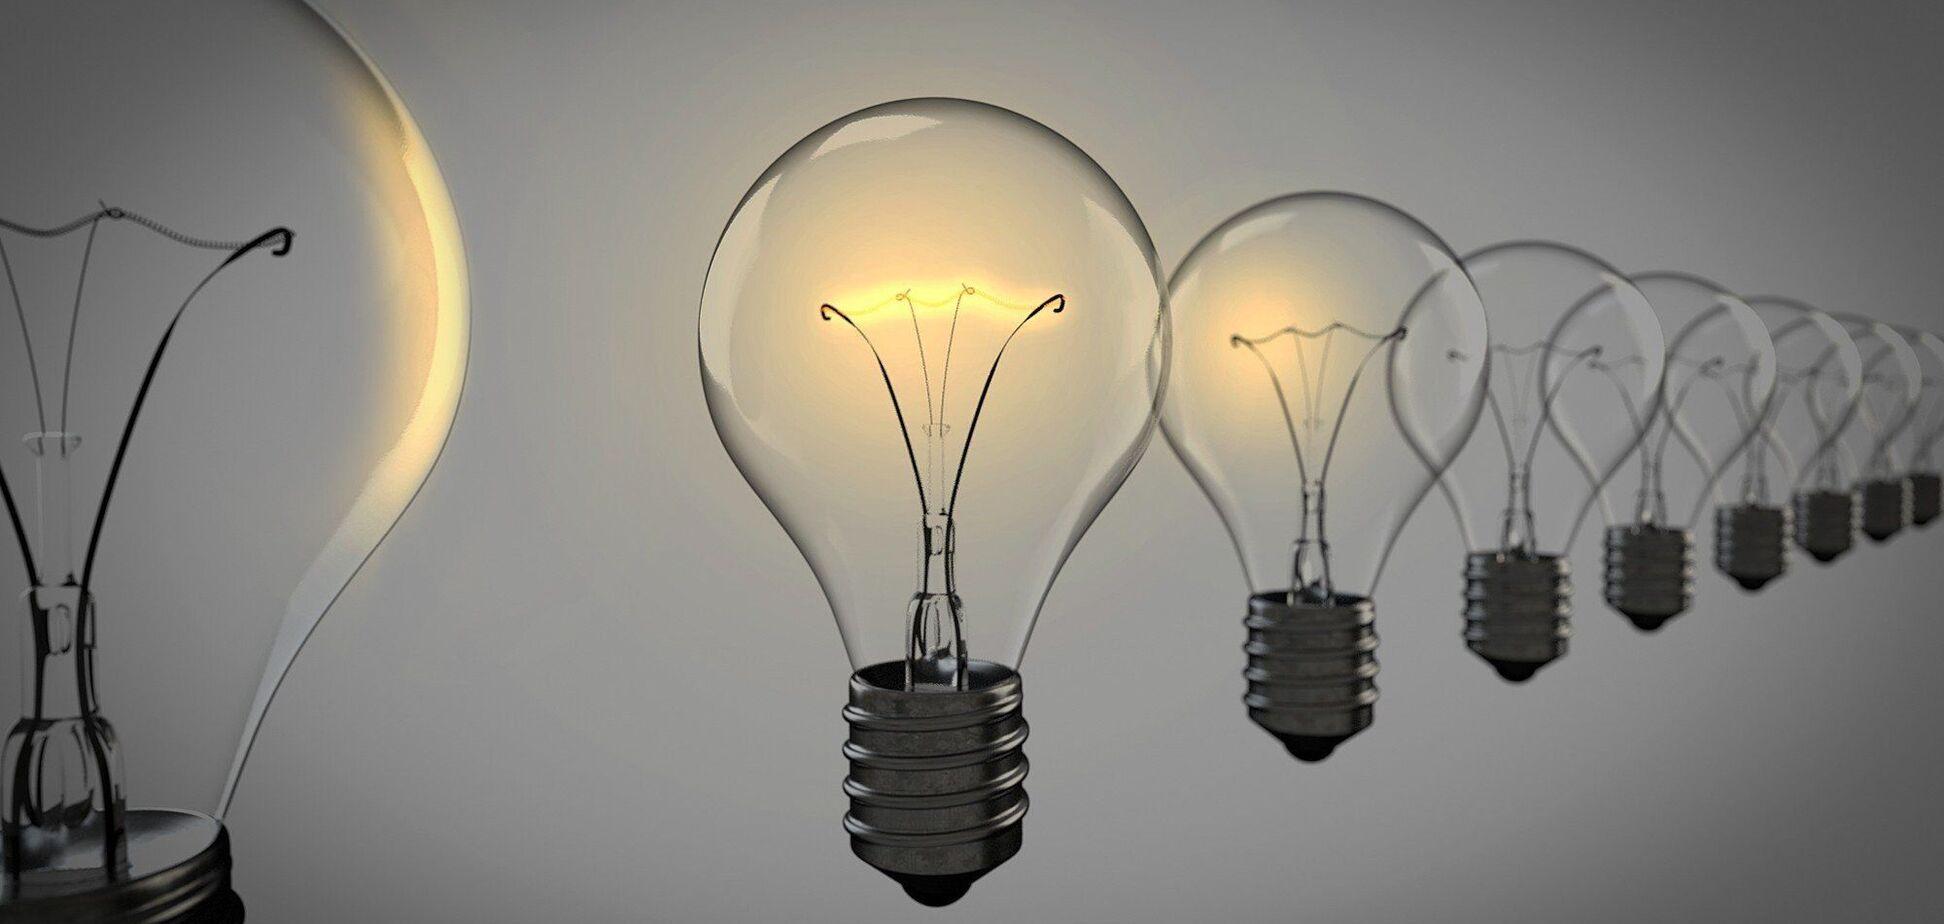 Импорт российского электричества вырос вдвое: власть убивает украинскую экономику